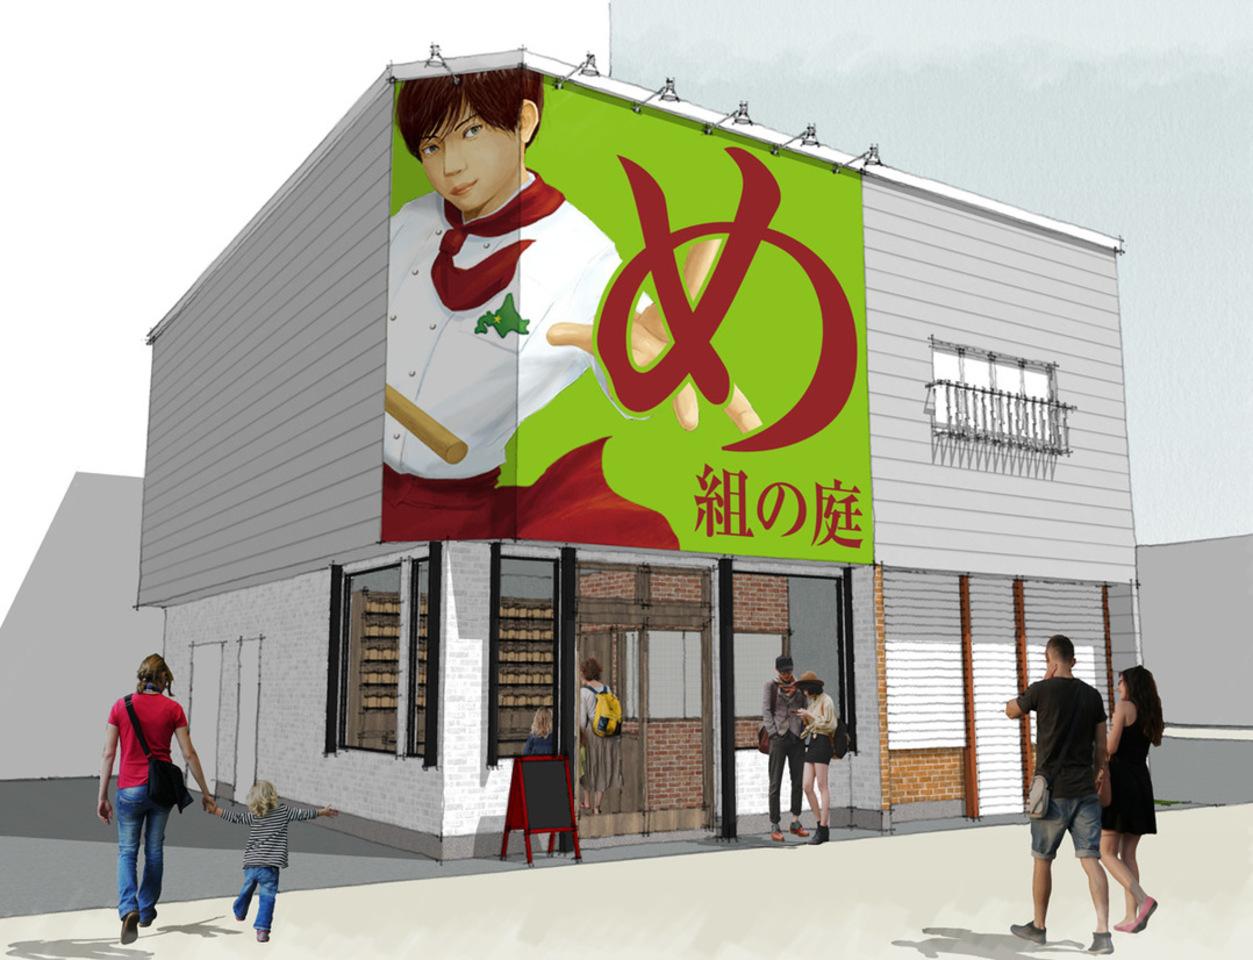 北海道恵庭市泉町に高級食パン専門店「め組の庭」が本日グランドオープンされたようです。